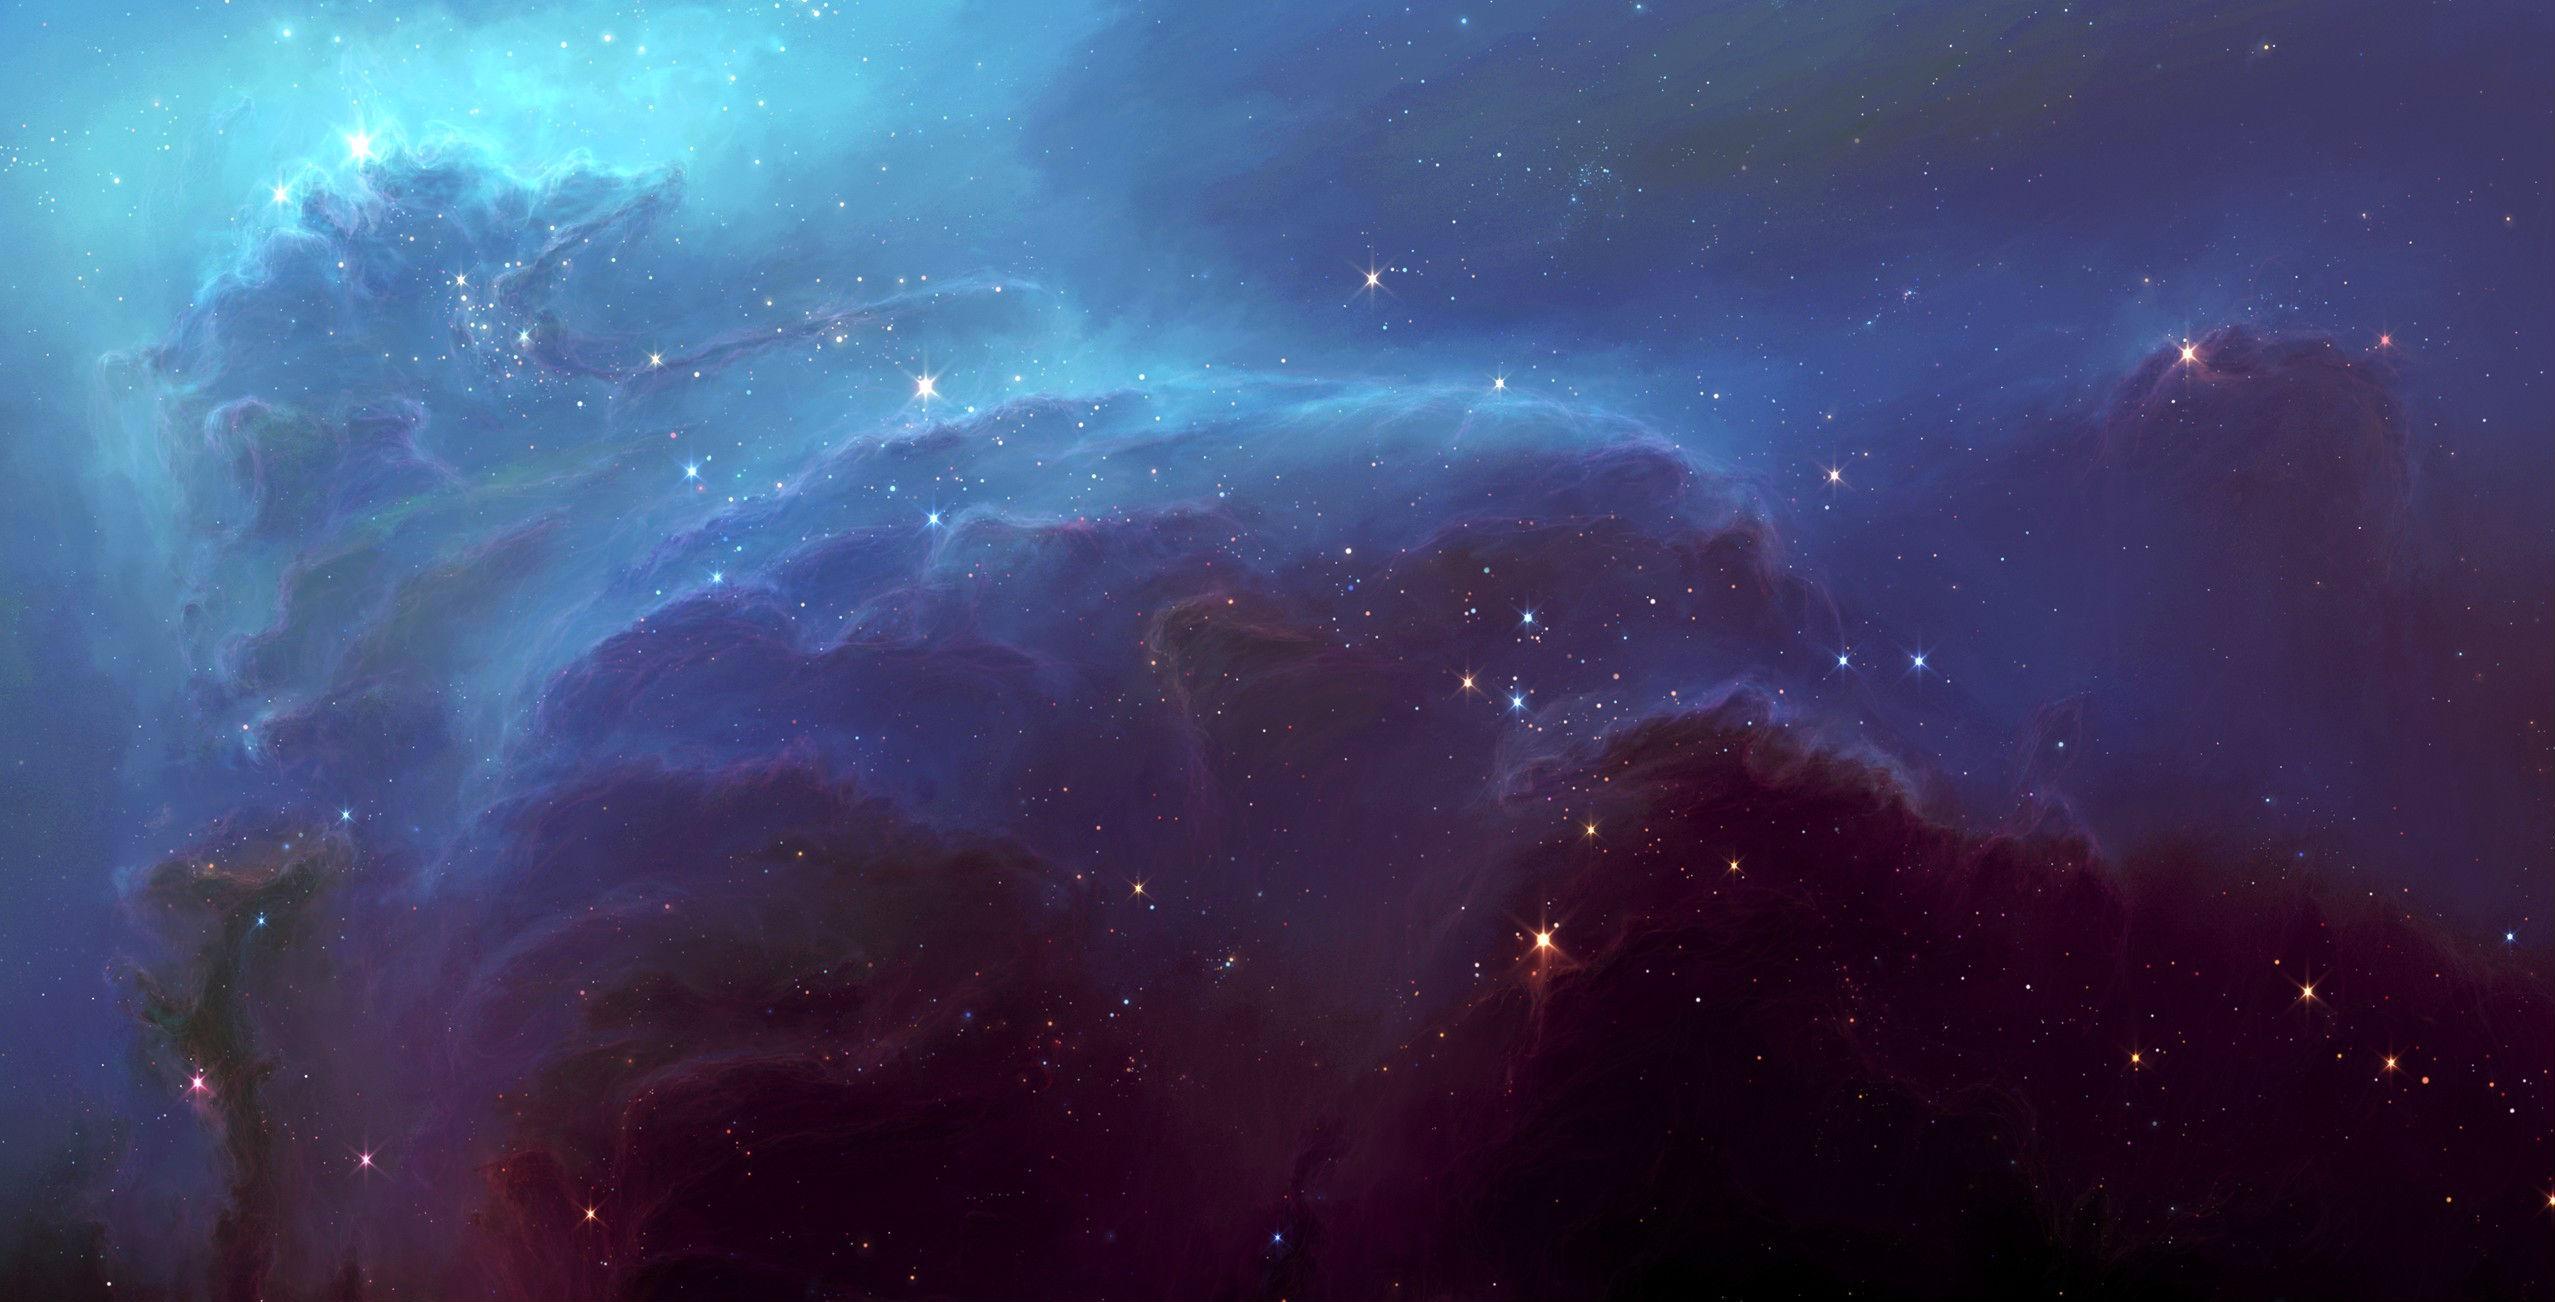 Wonderful Wallpaper High Resolution Nebula - nebula-wallpaper-15  Image_218299.jpg